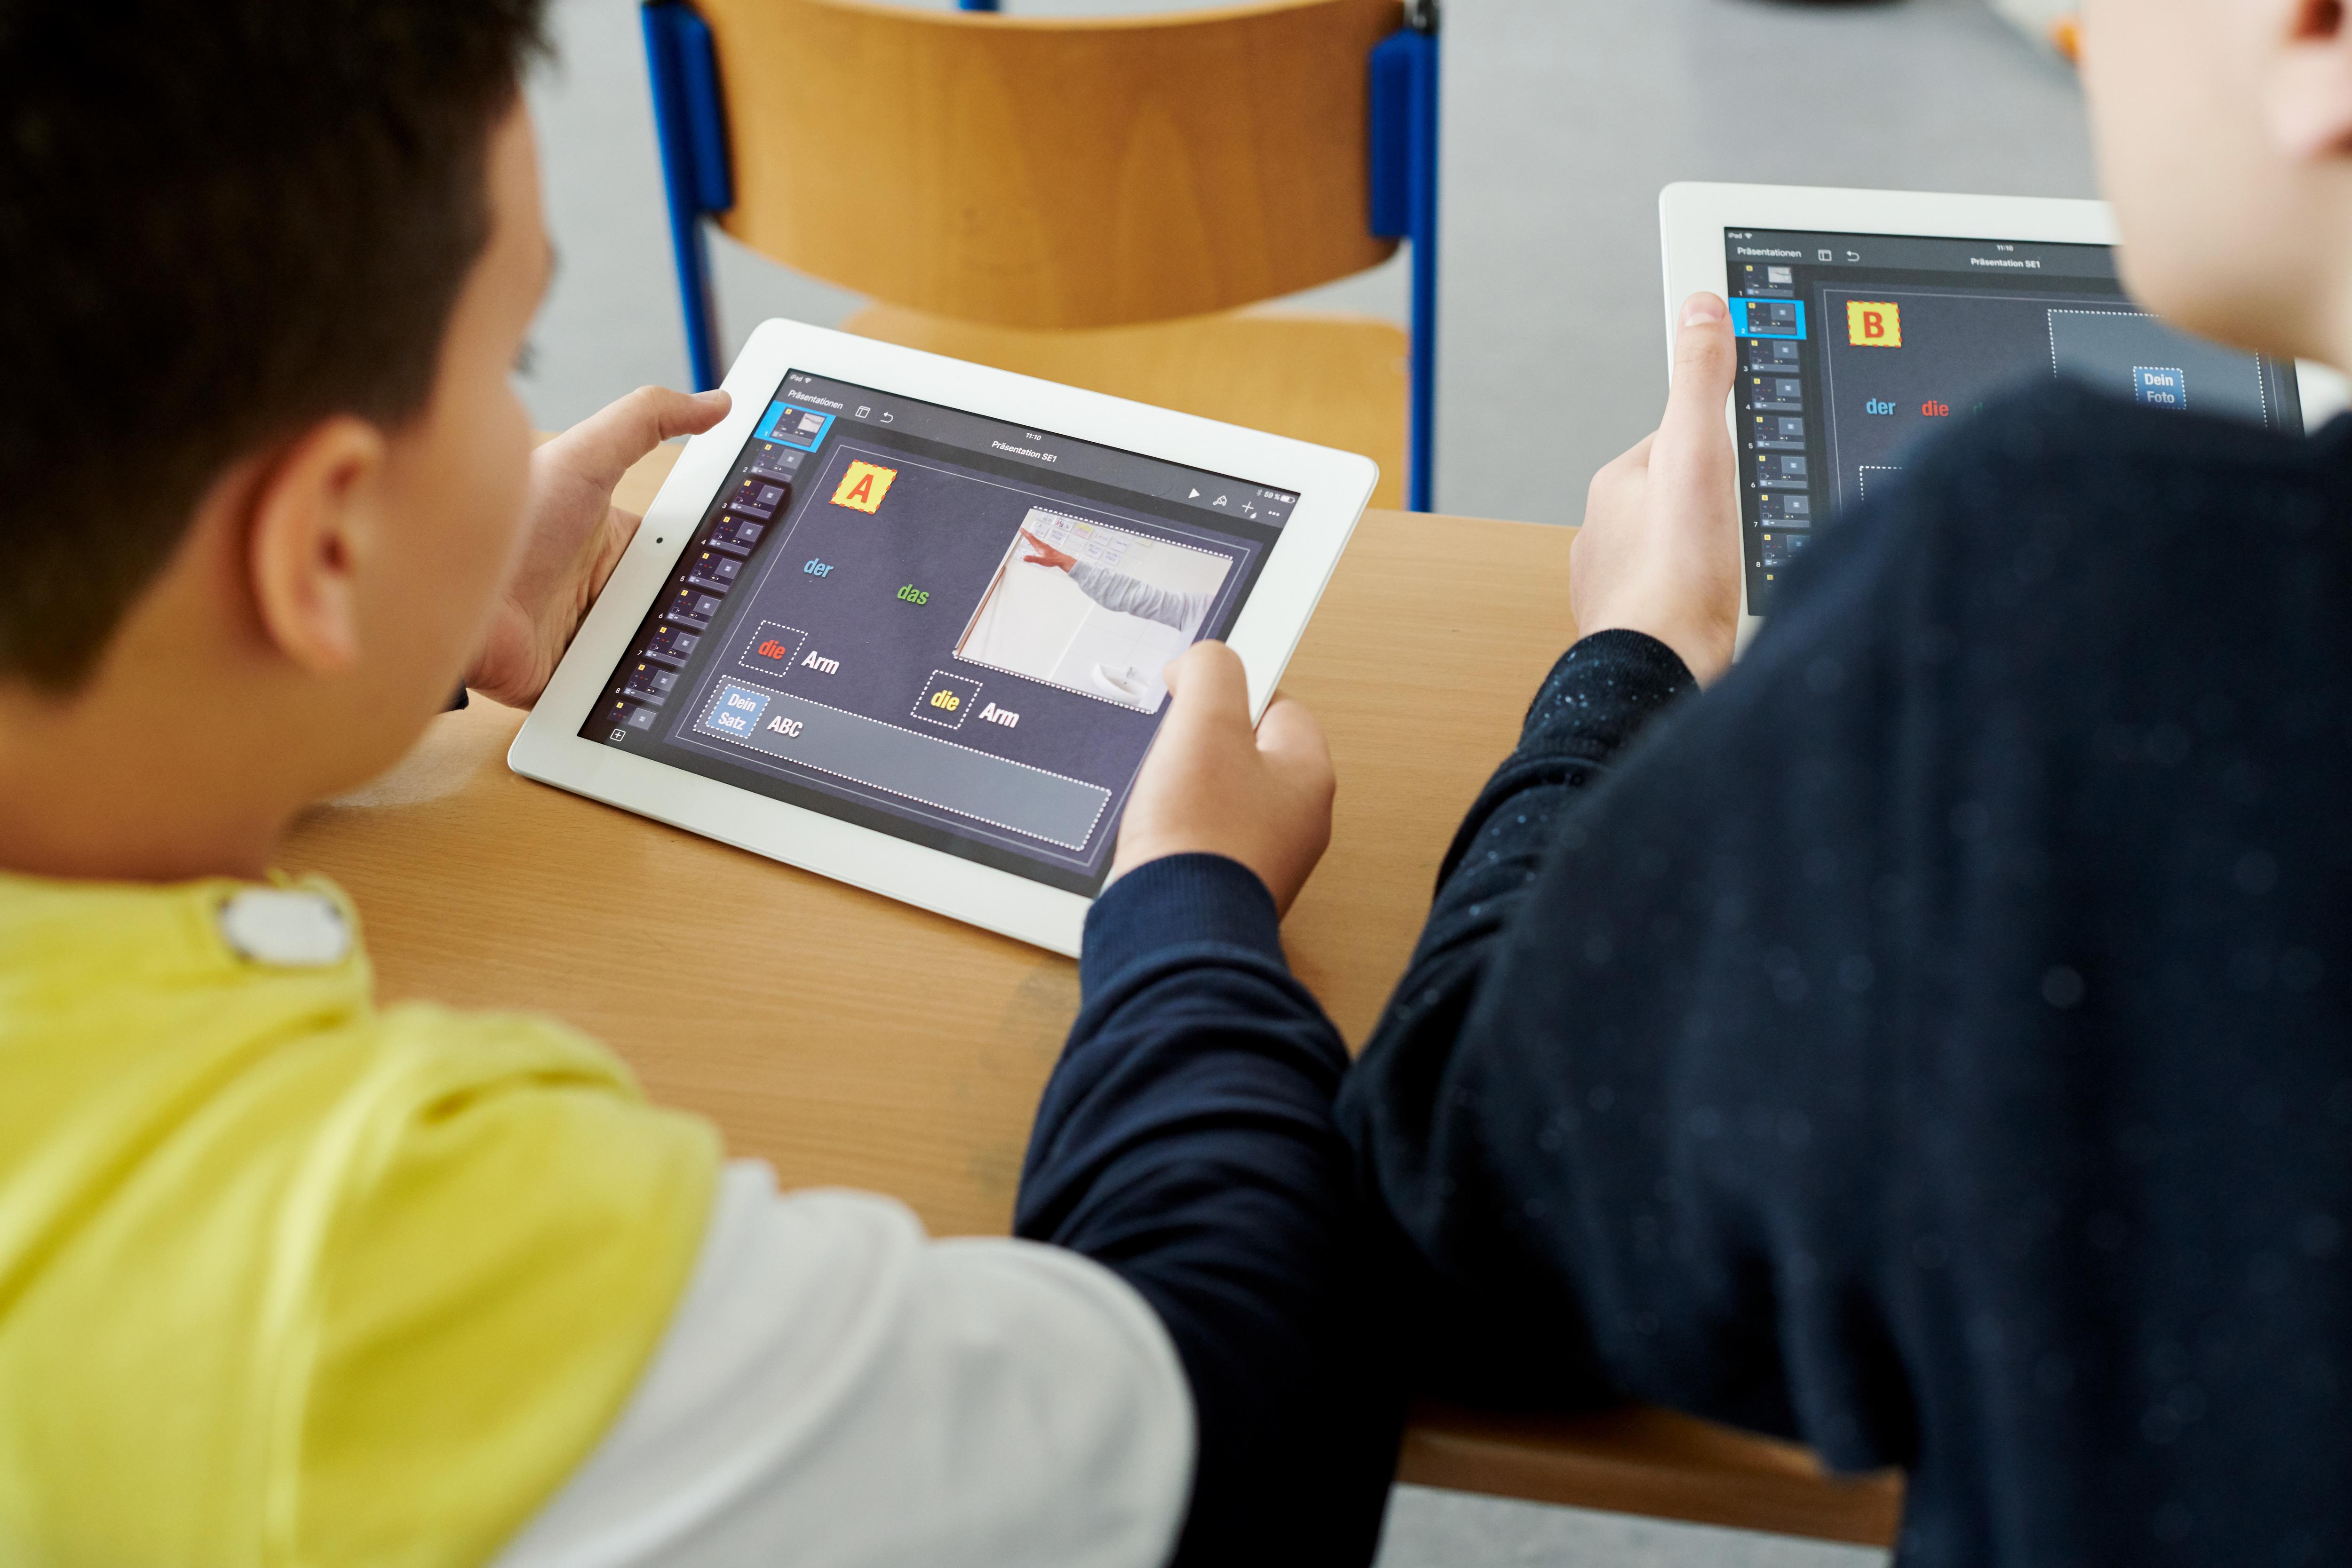 Apple destaca cómo los iPads están ayudando a estudiantes y maestros en aulas multilingües